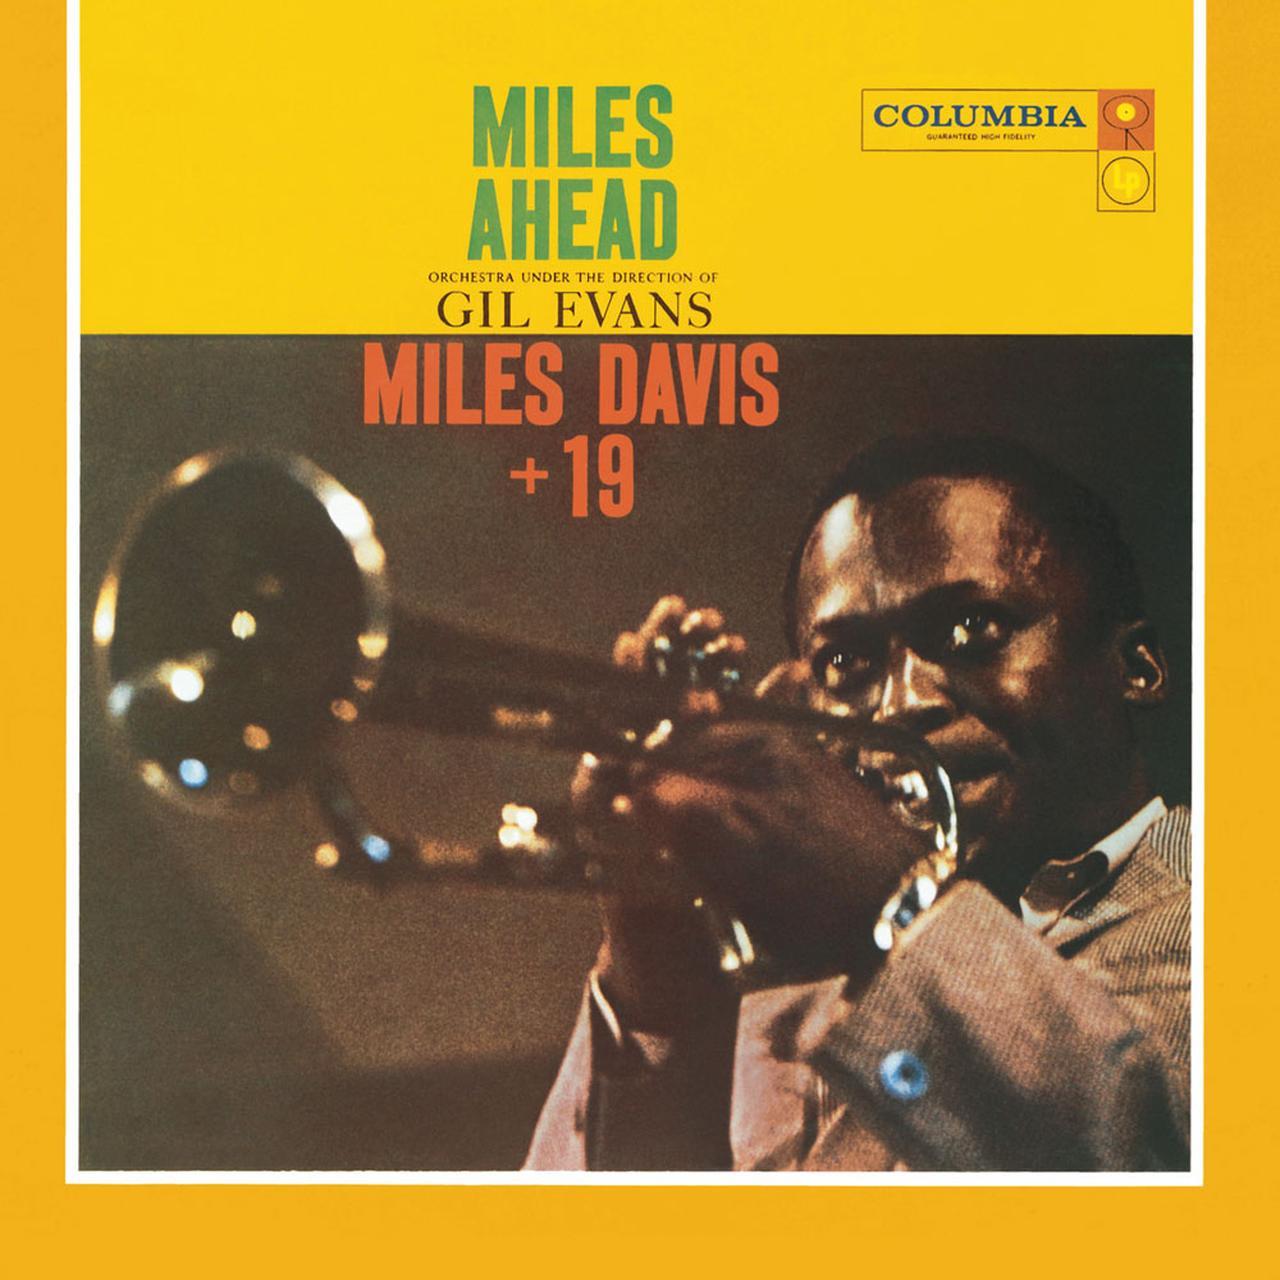 画像: 『Miles Ahead (Mono Version)』 mora.jp